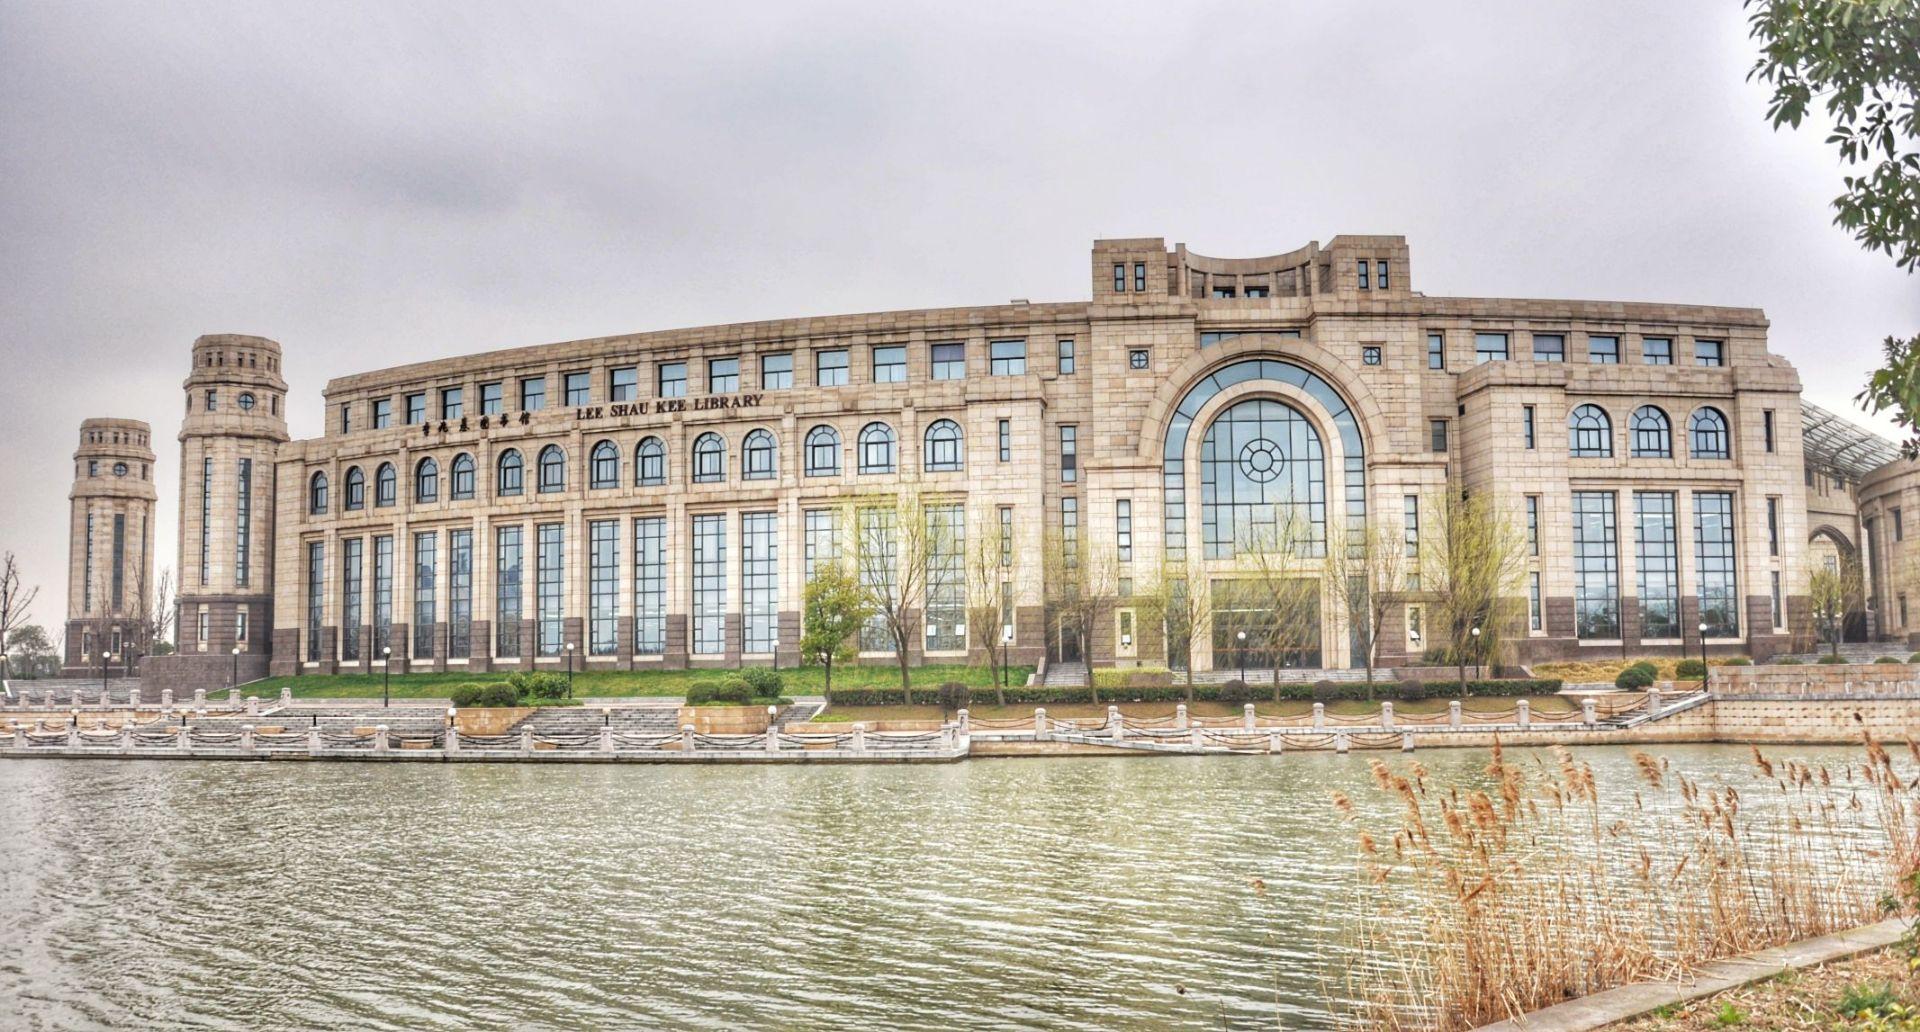 上海蓝天建筑装饰工程有限公司其他执行裁定书